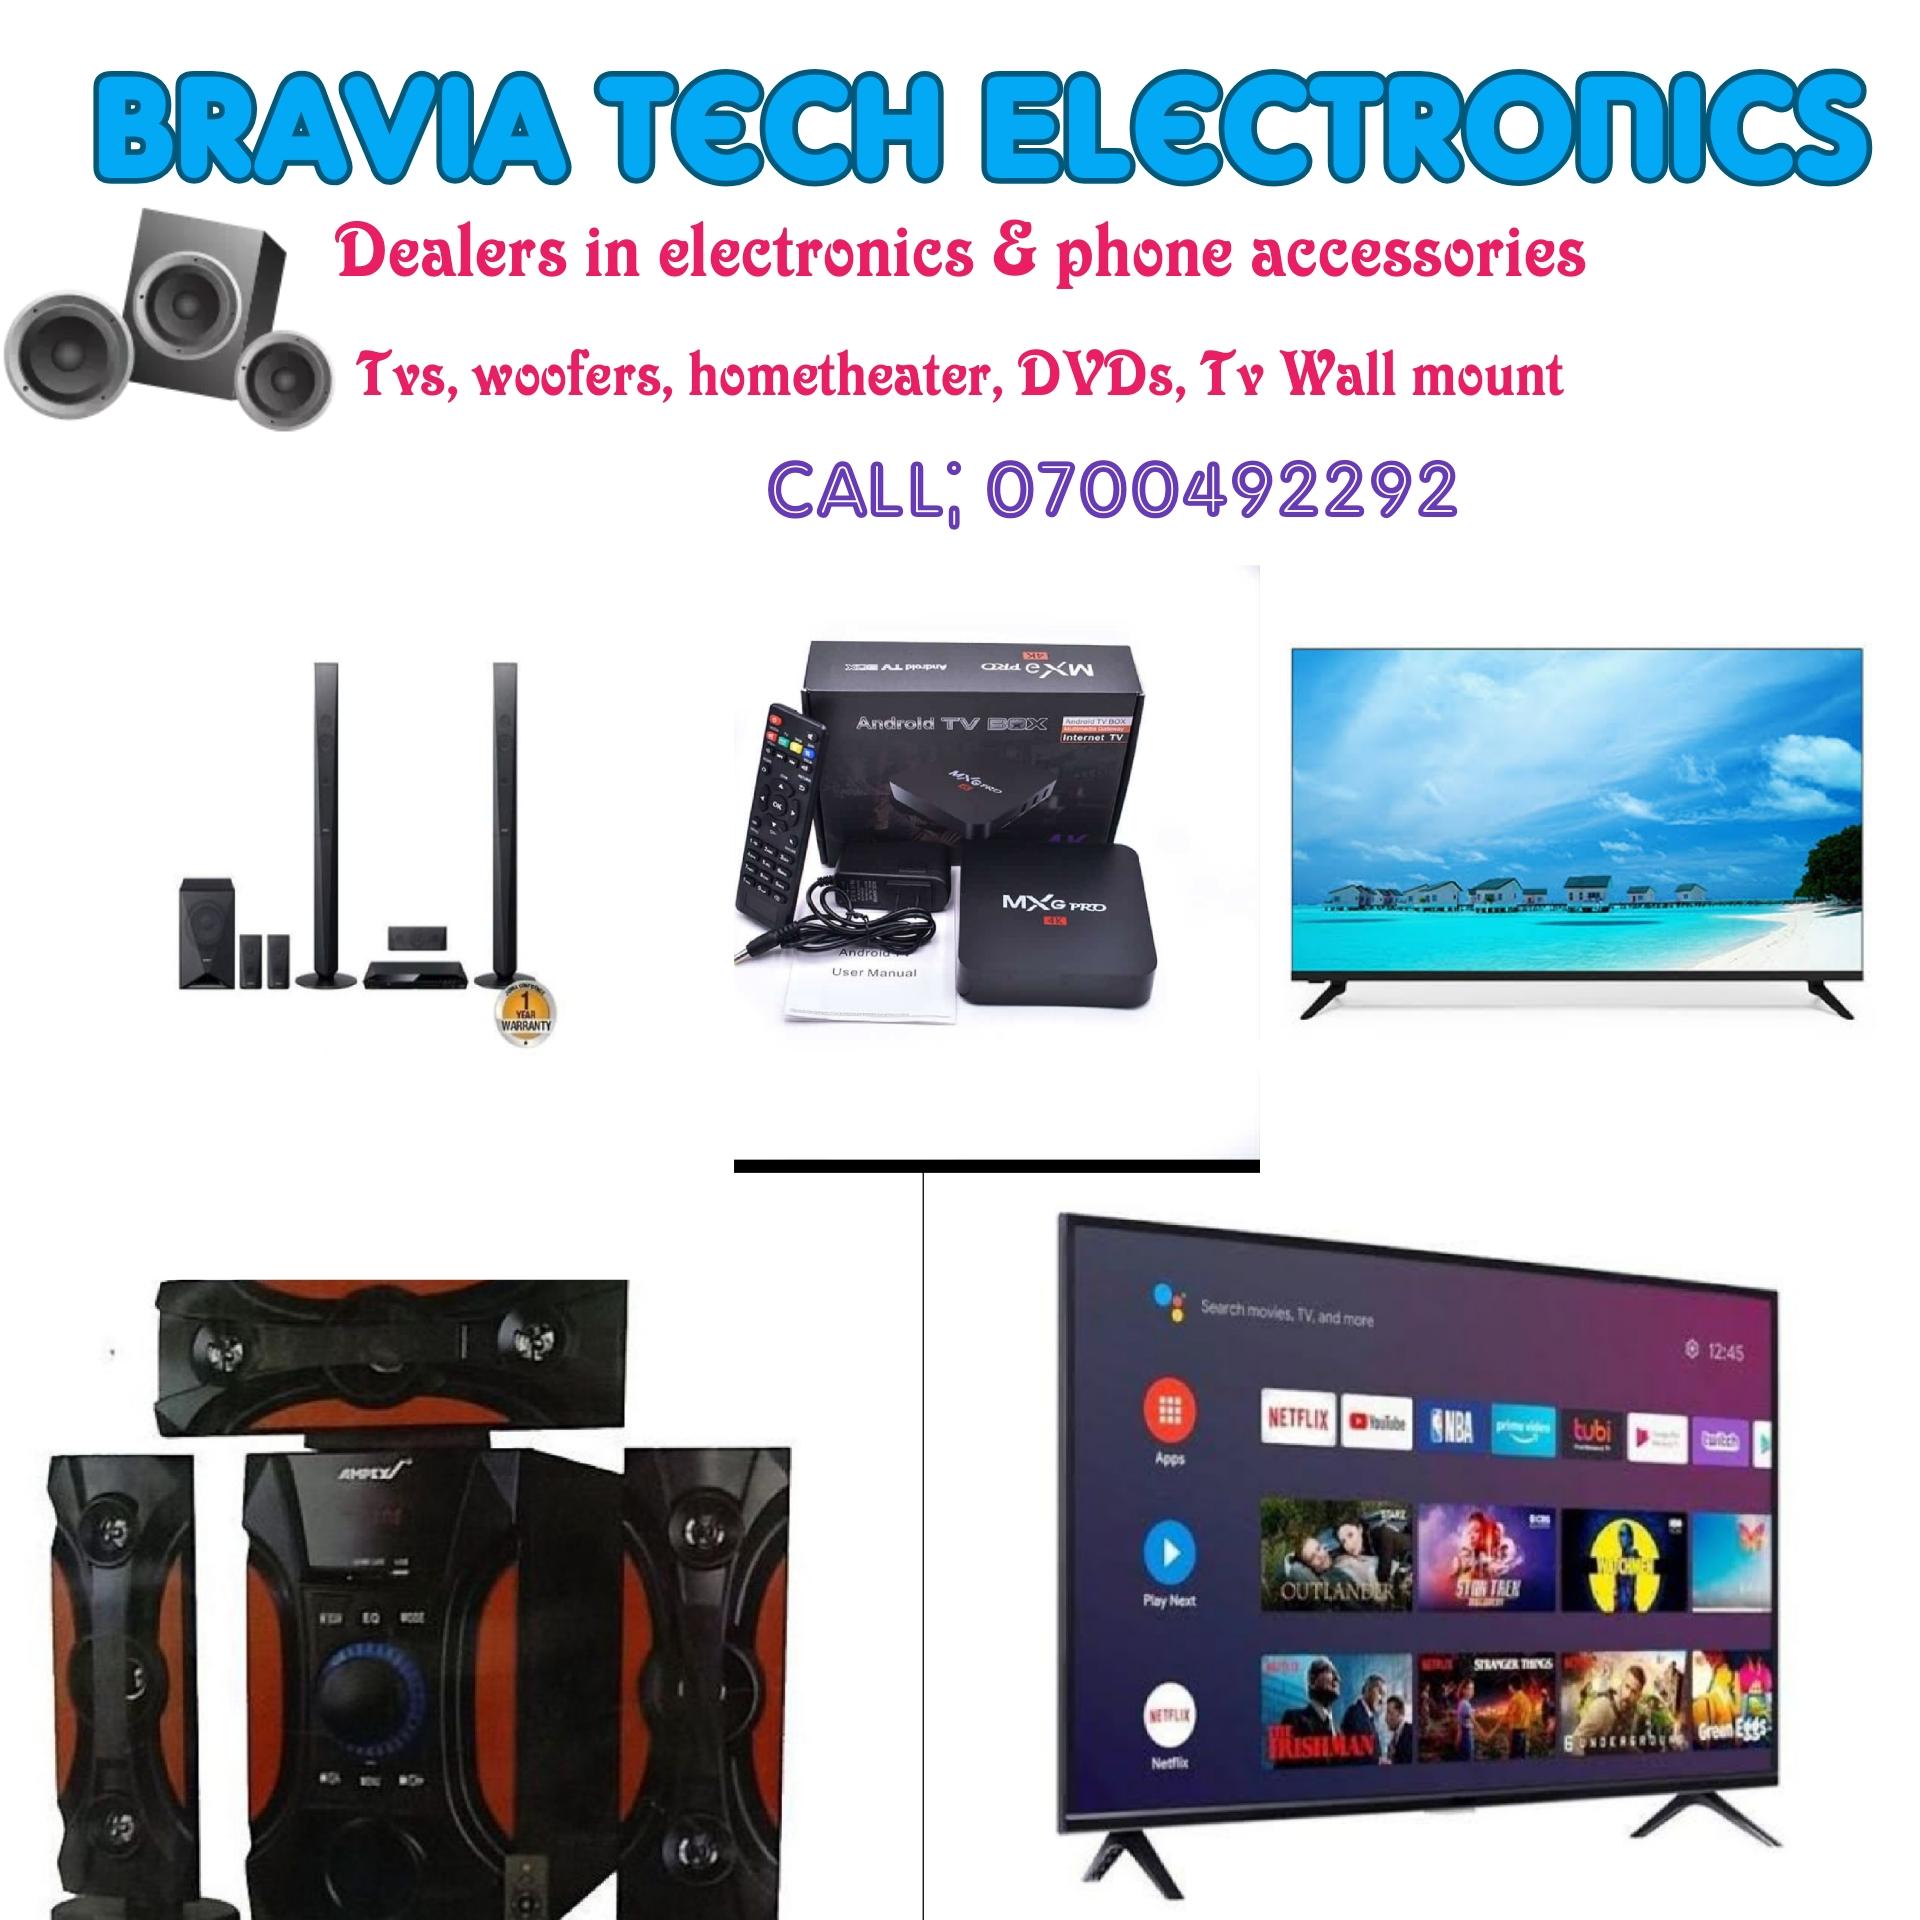 Bravia Tech